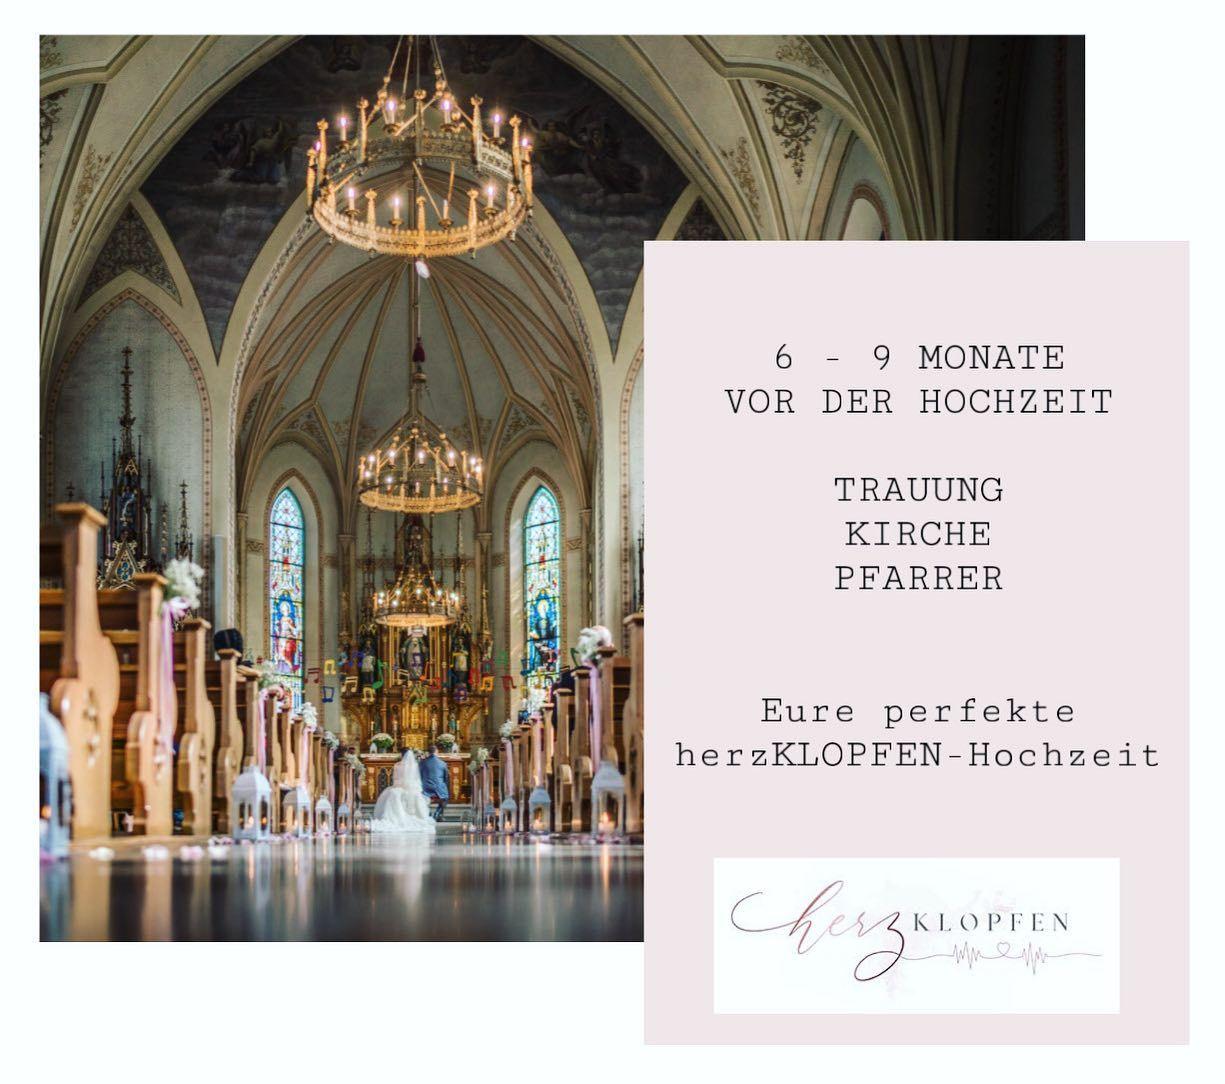 6 9 Monate Vor Der Hochzeit Die Hochzeitsplanung Meine Tipps Fur Den Grossen Tag Anmeldung Zur Kirchlichen Trauung Meld Barcelona Cathedral Cathedral